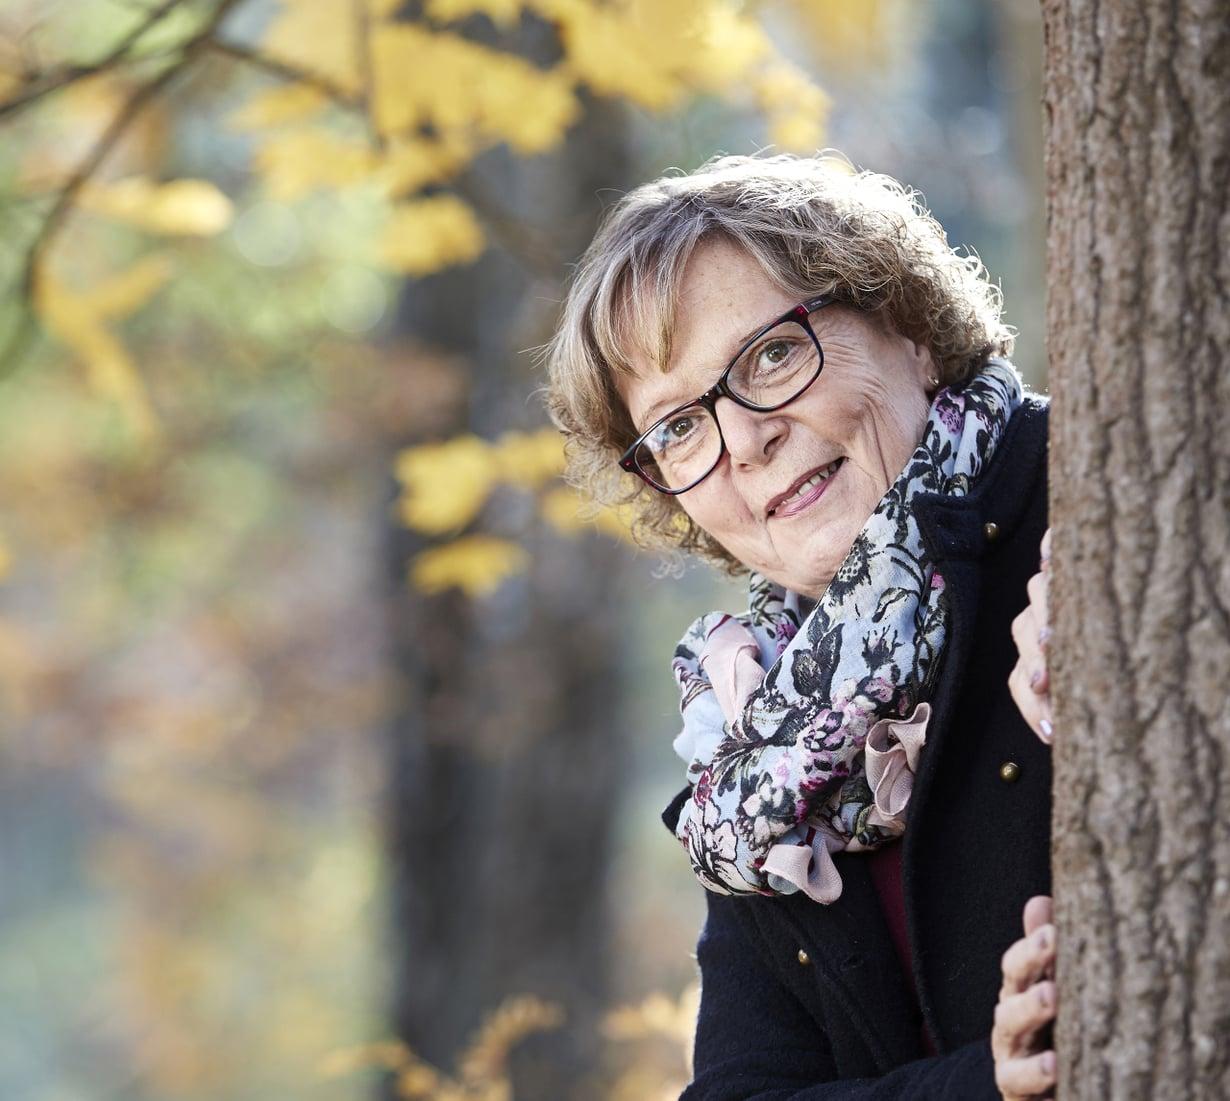 """""""Vaikka aivoinfarkti ei jättänyt mitään rajoitteita, muisto tapahtuneesta pysyy minussa kuin arpi"""", Virpi Häyrinen sanoo."""